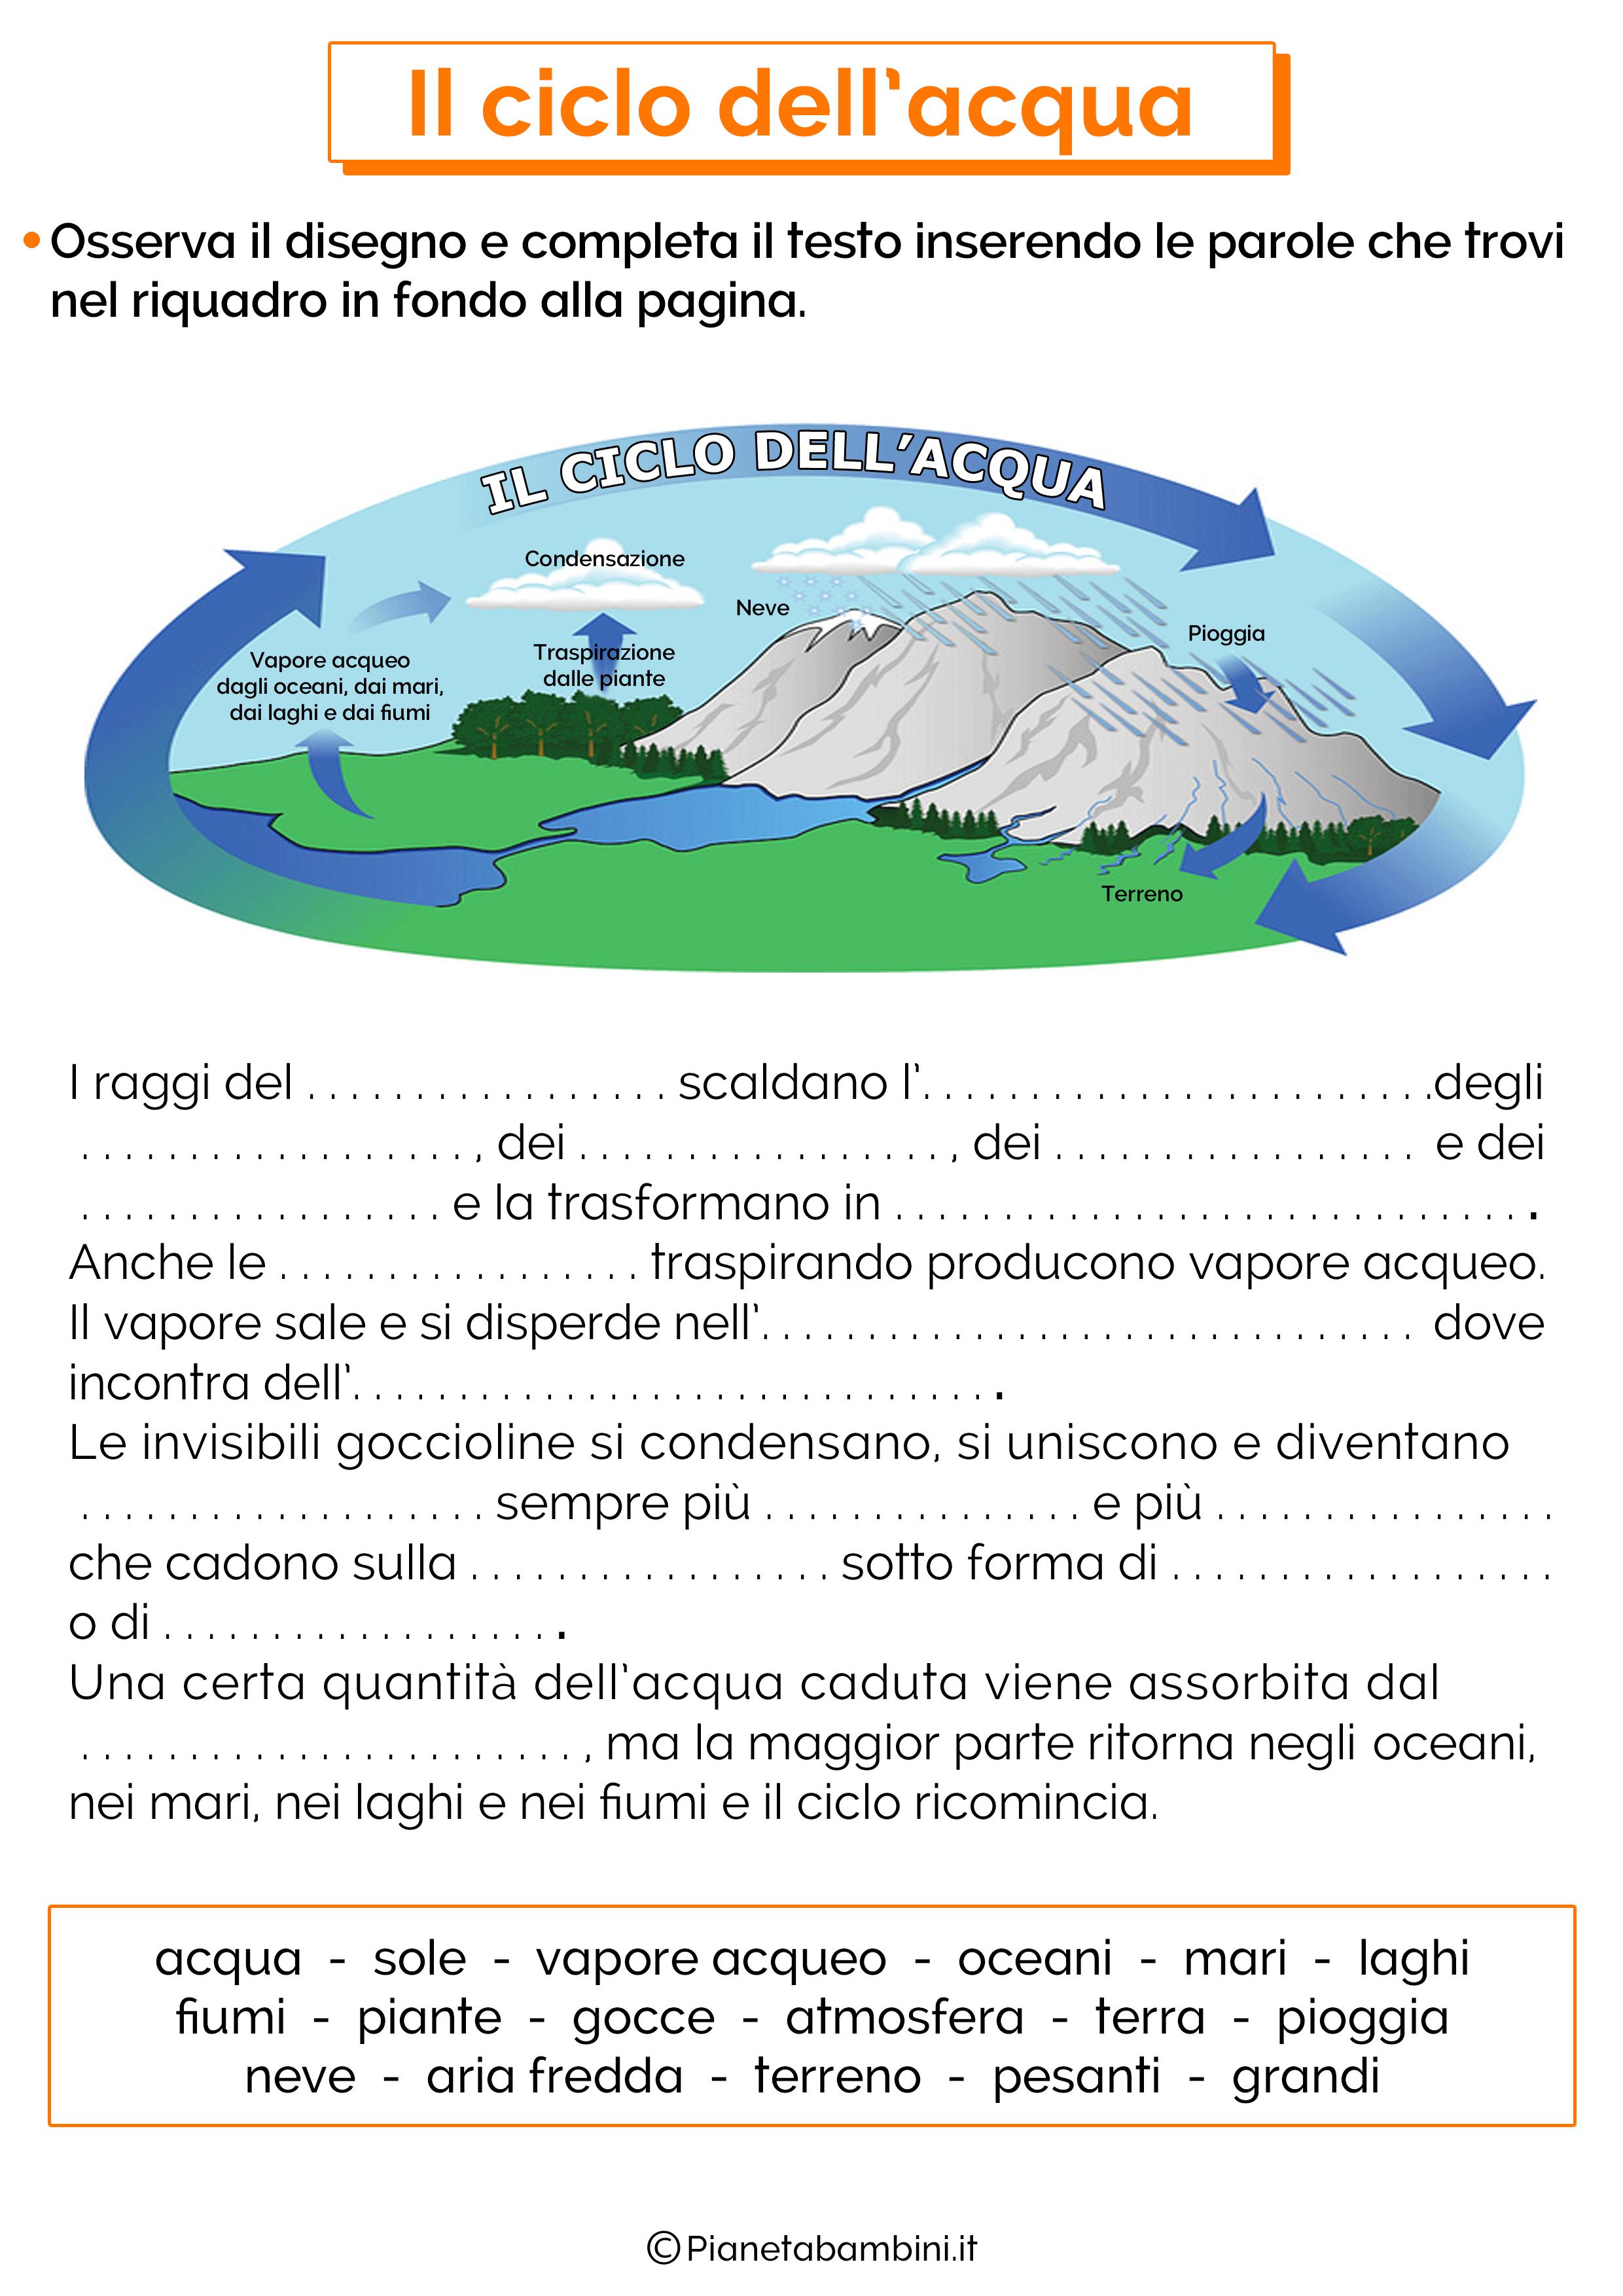 Favoloso L'Acqua: Schede Didattiche per la Scuola Primaria | PianetaBambini.it HJ84